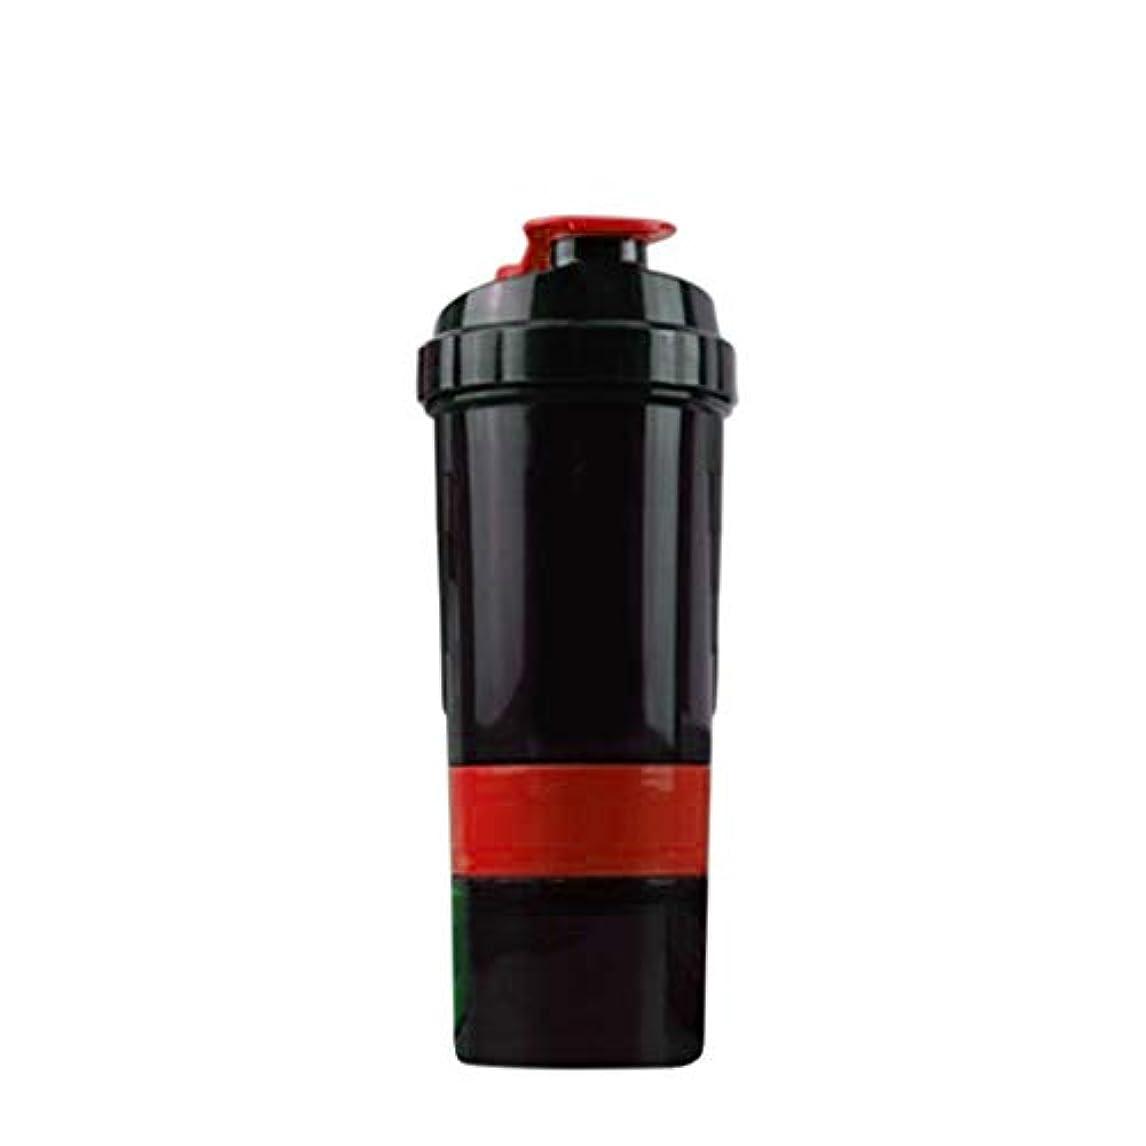 楽しむタオル定義【LORIA?JP品】 Pro プロテインシェイカー 500ml 多機能 シェーカーボトル レッド